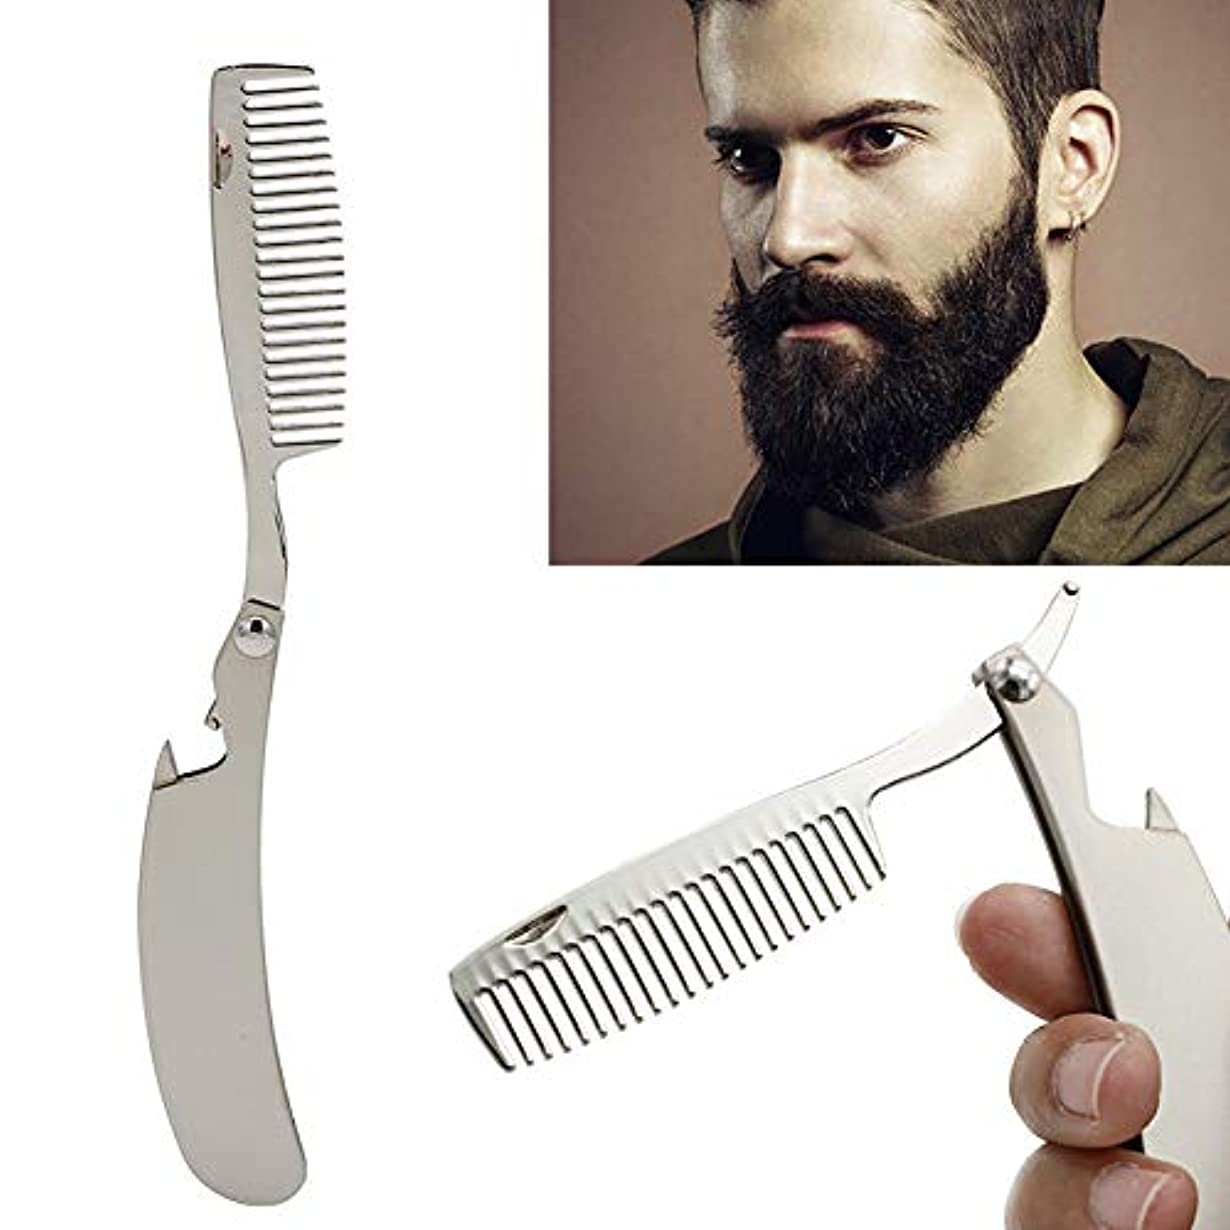 めまいが発行ランチRabugoo ヘアコーム男性専用のステンレス鋼折りたたみ櫛ミニポケット髭ケアツール